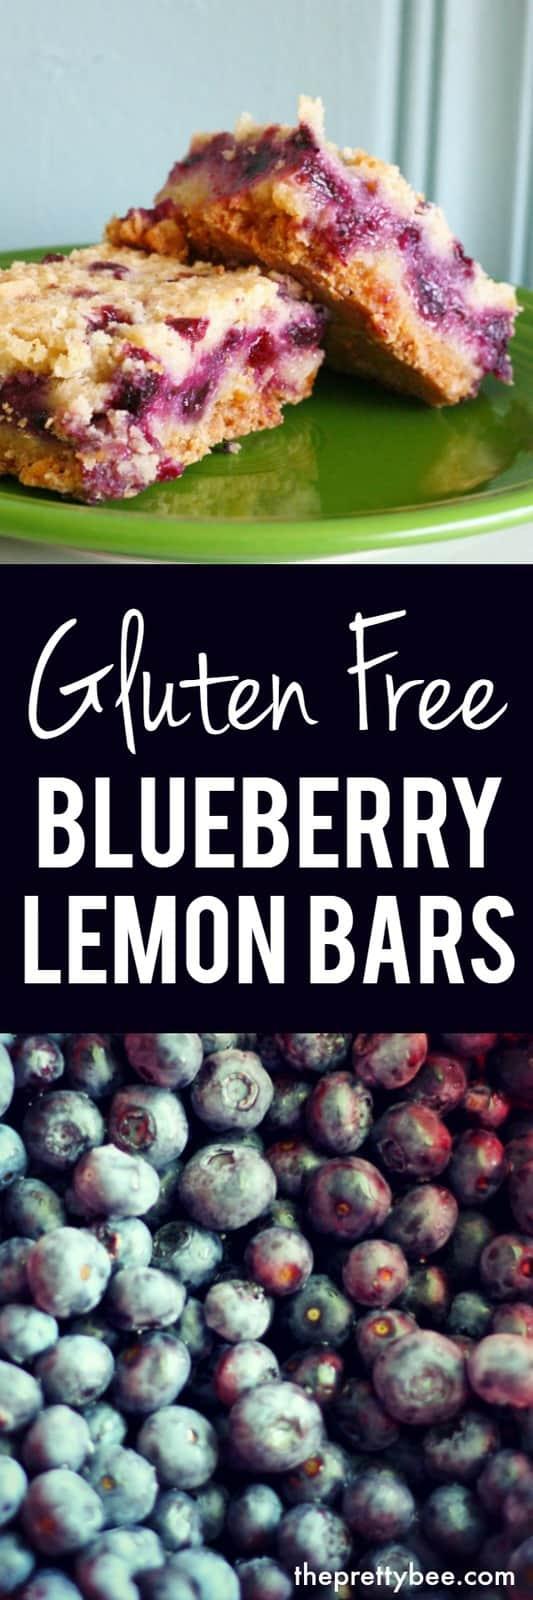 recipe for gluten free blueberry lemon bars